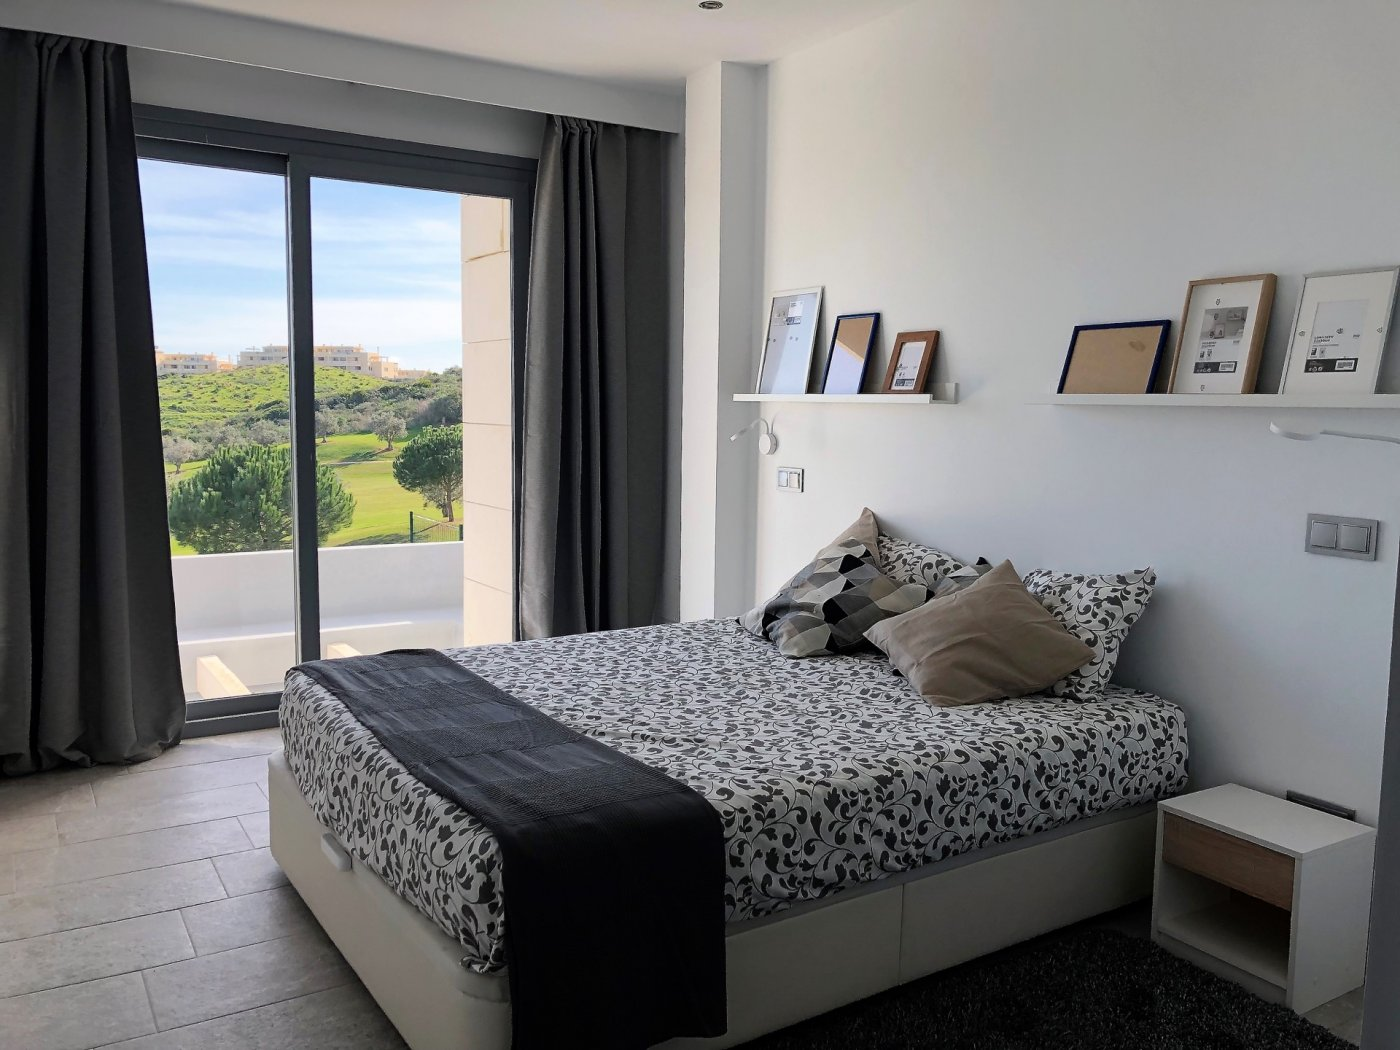 Venta de villas modernas en mijas costa, malaga, espaÑa - imagenInmueble21